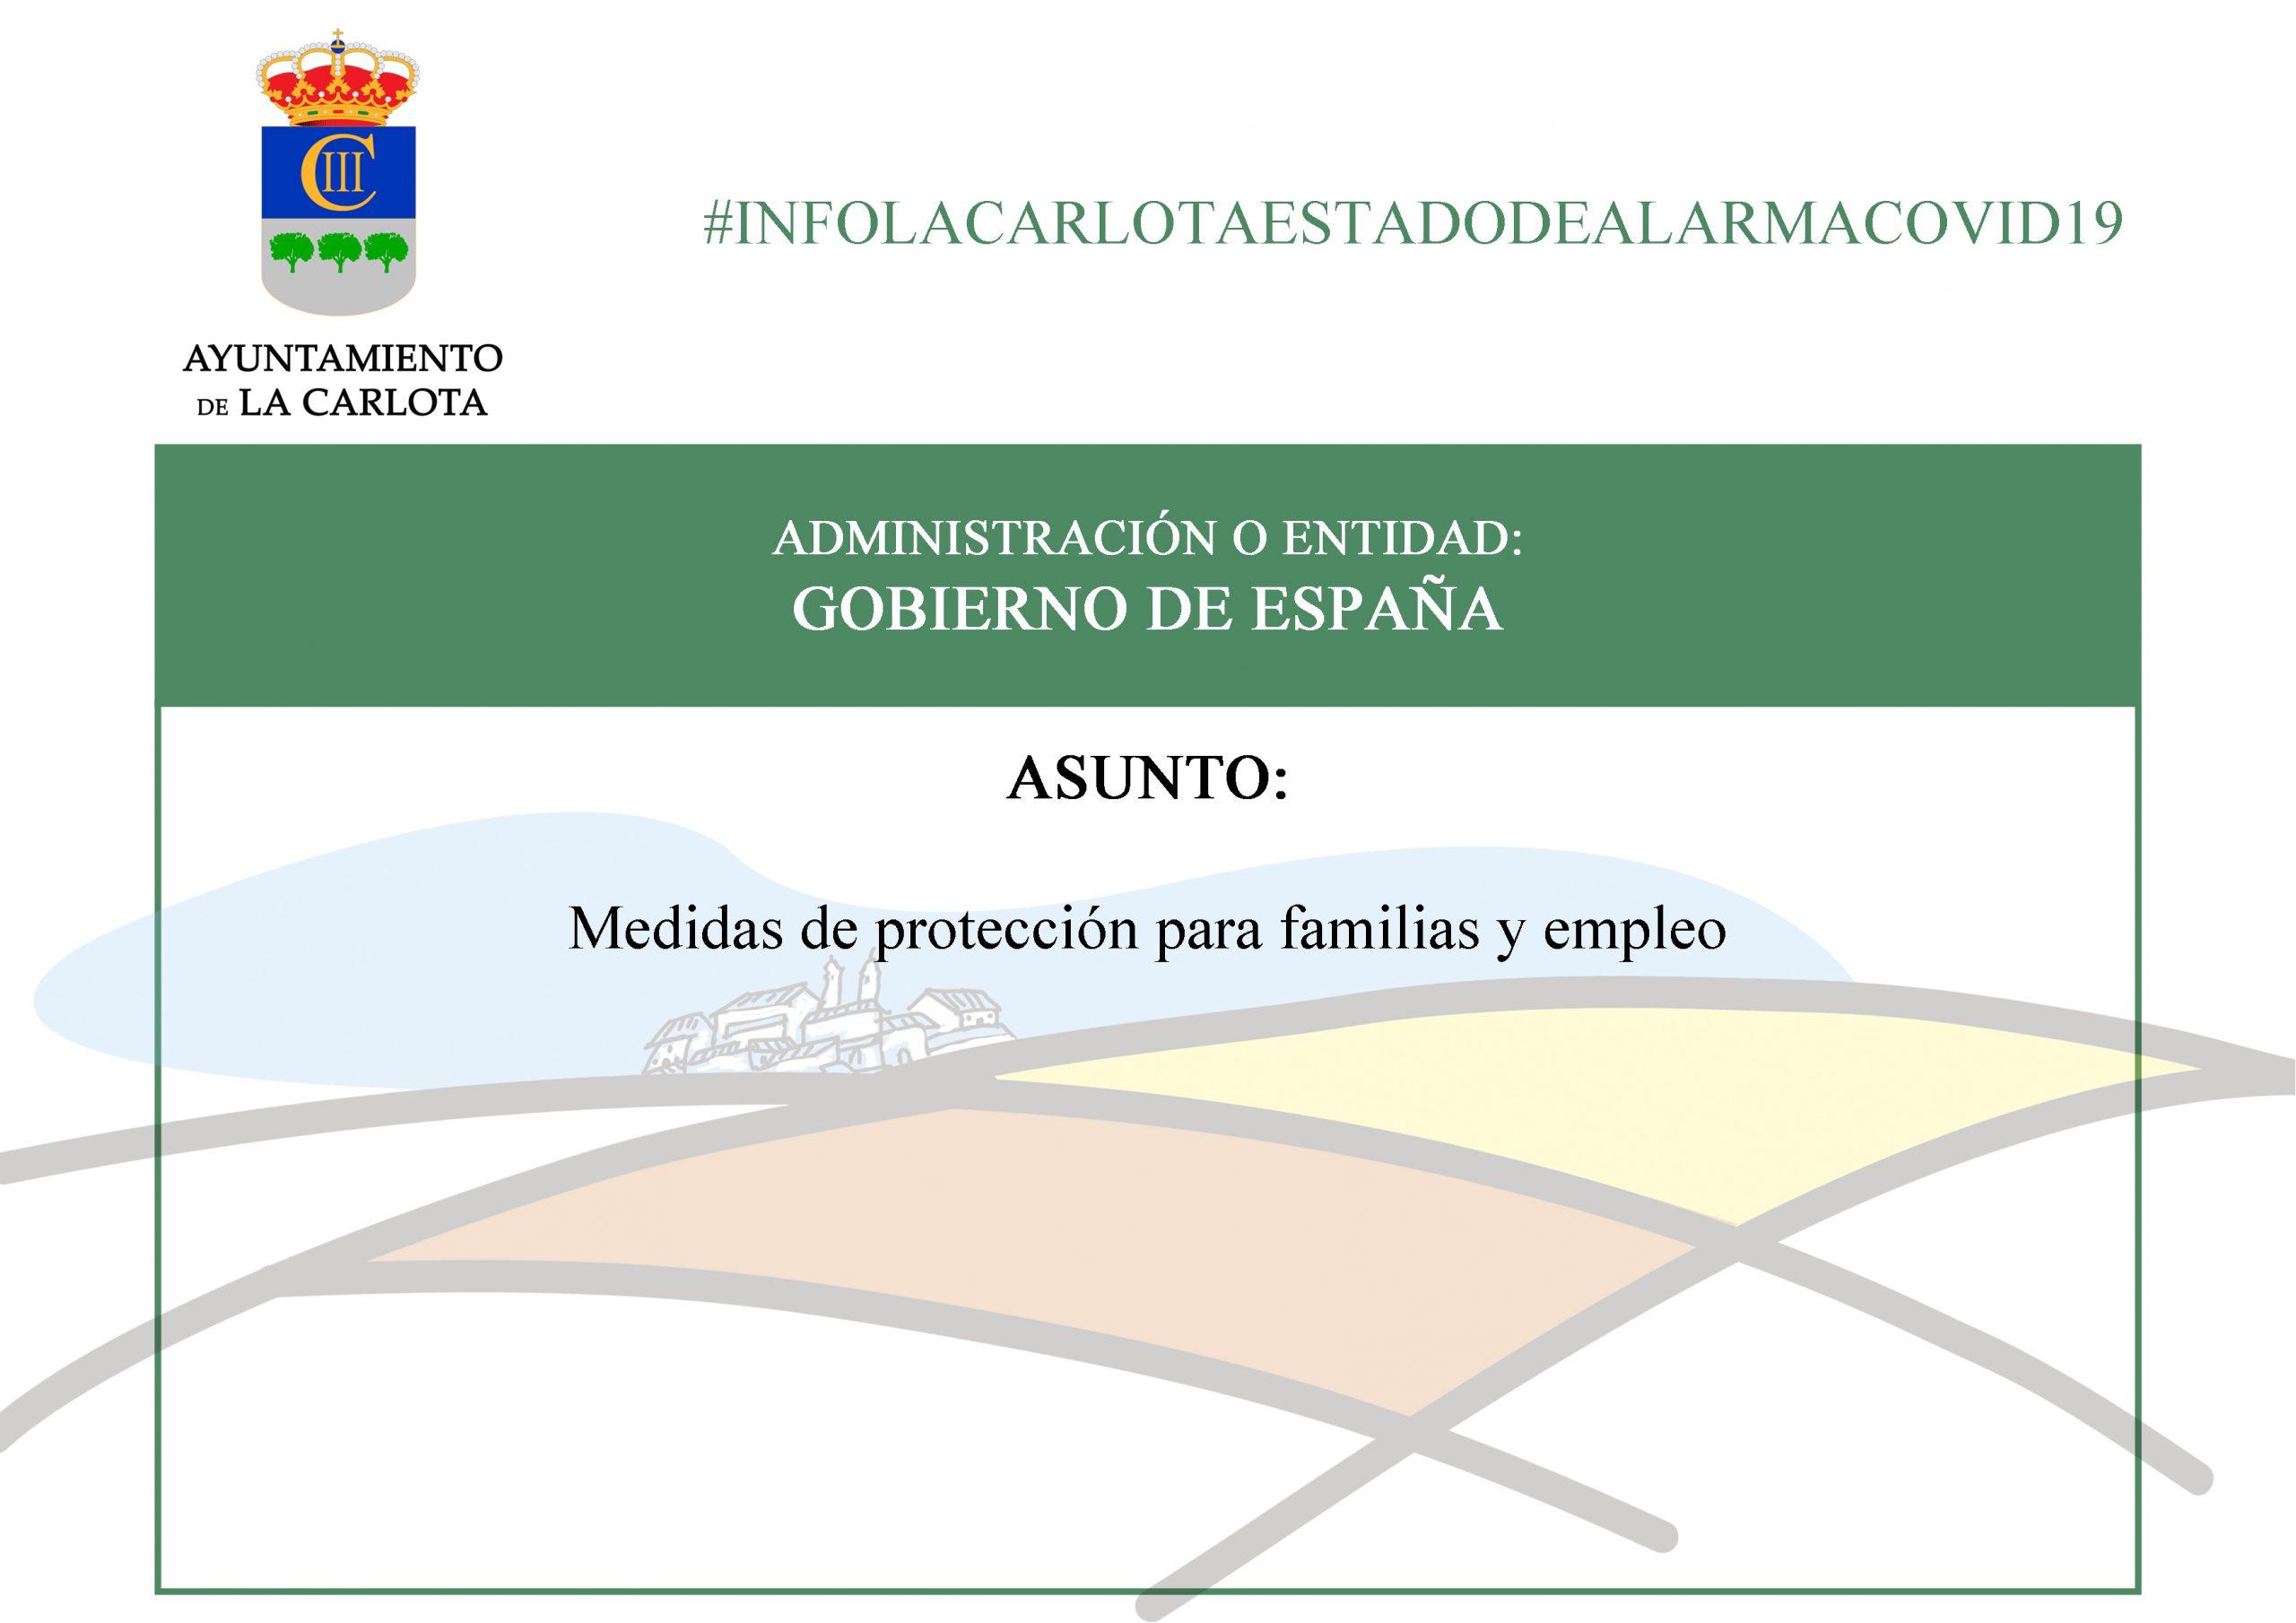 #INFOLACARLOTAESTADODEALARMACOVID19 MEDIDAS DE PROTECCIÓN PARA FAMILIAS Y EMPLEO 1